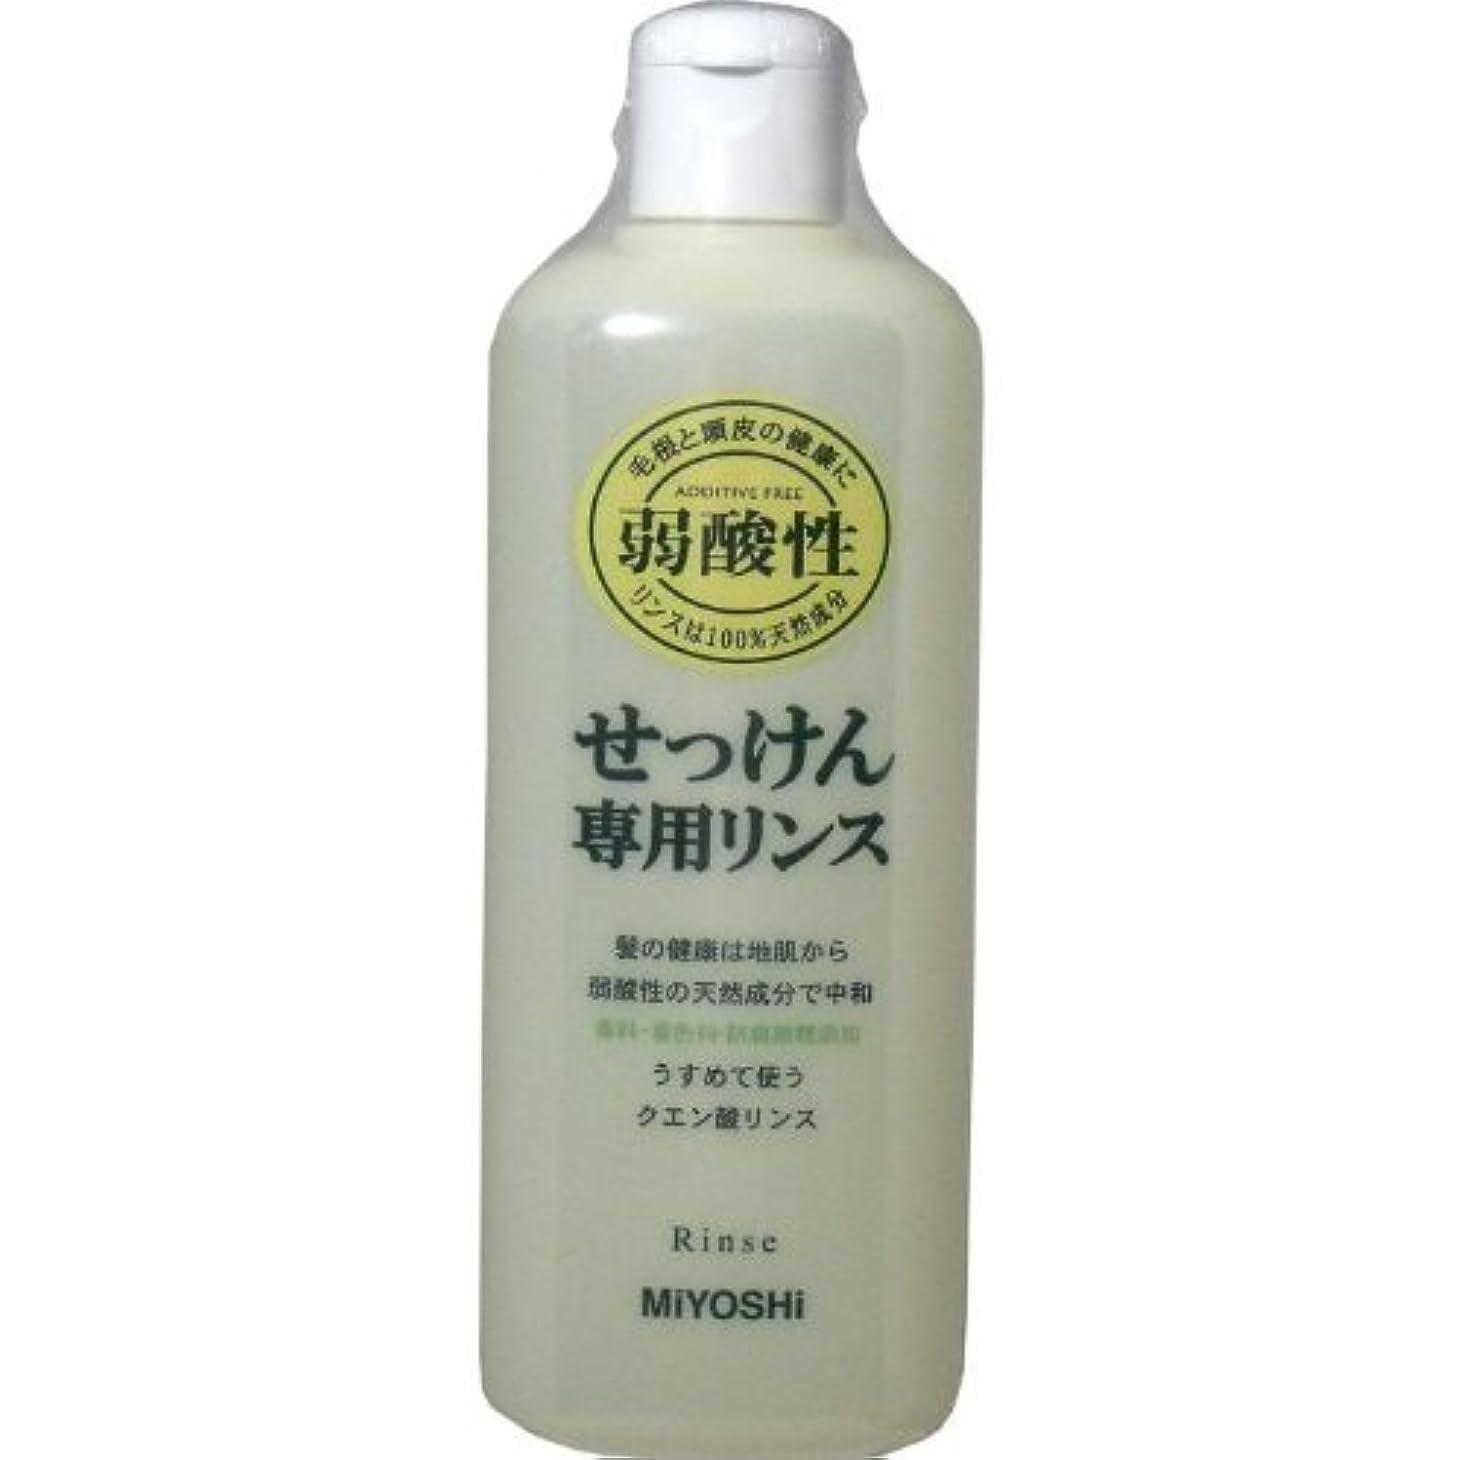 メンタル禁じるアブストラクト髪の健康は地肌から、弱酸性の天然成分で中和!!香料、防腐剤、着色料無添加!うすめて使うクエン酸リンス!リンス 350mL【3個セット】